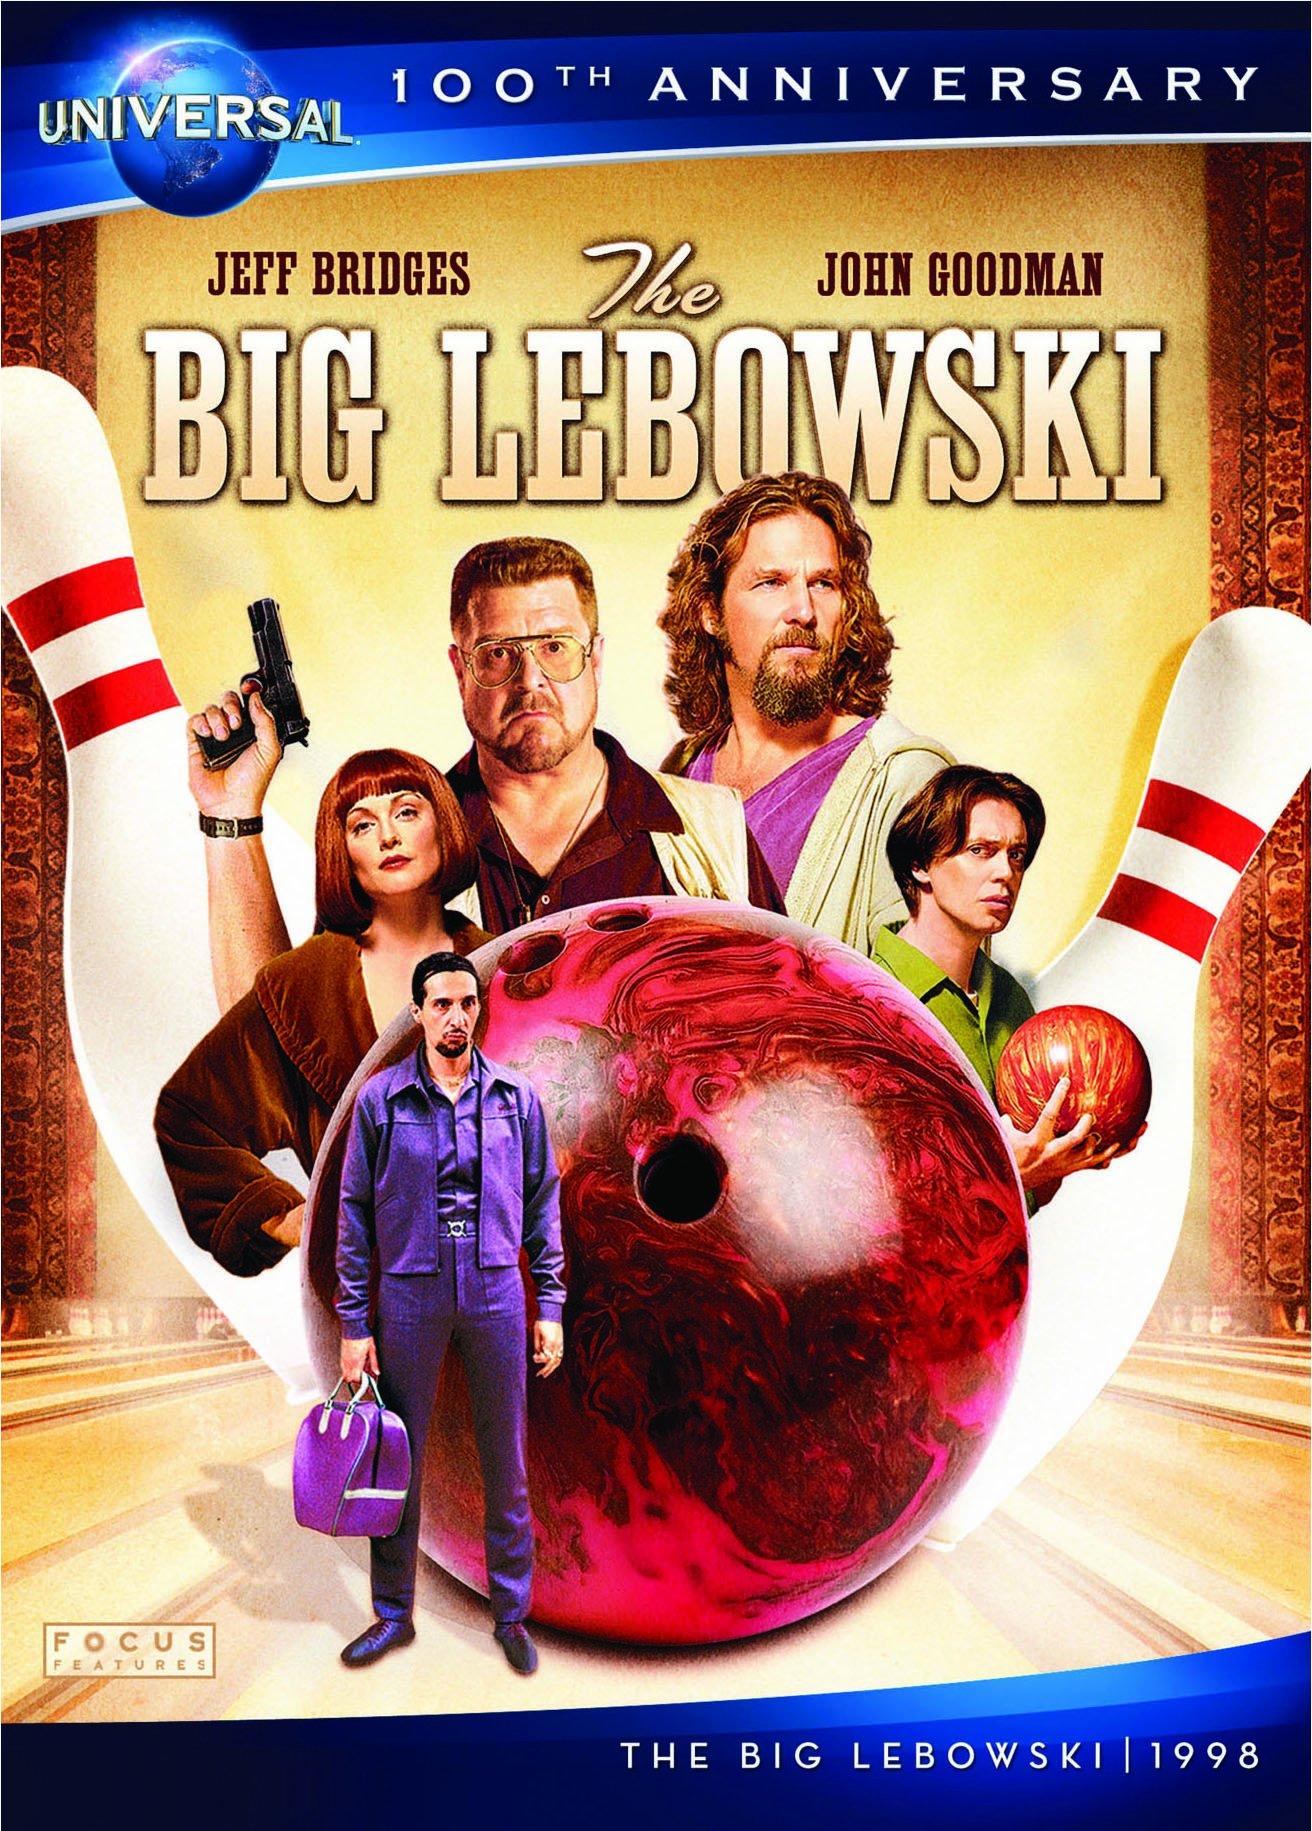 Dernier CD/VINYLE/DVD acheté ? - Page 37 The-big-lebowski-dvd-cover-66